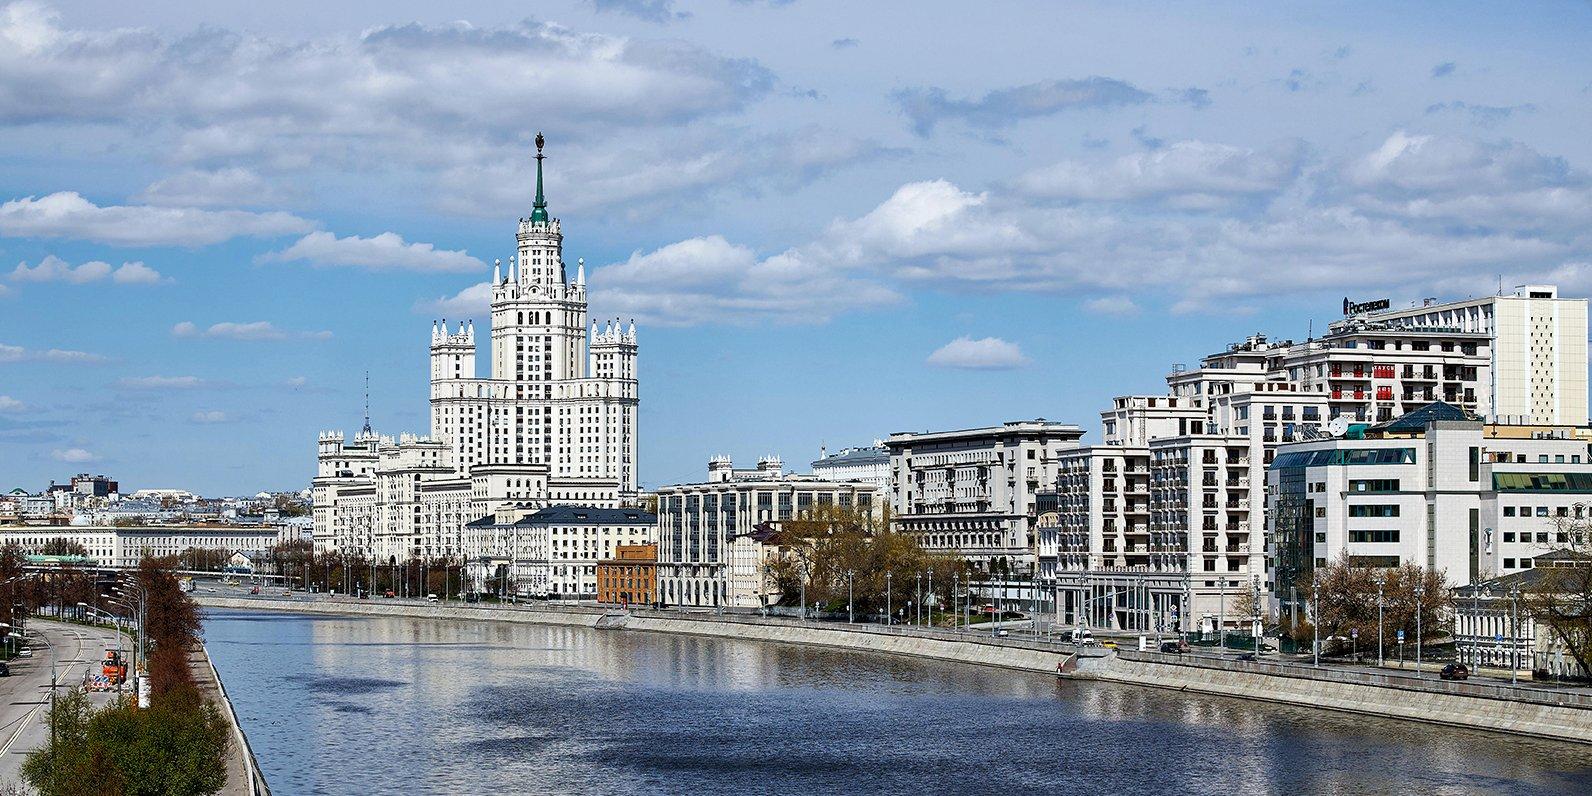 Дни с 1 по 11 мая объявлены в России нерабочими